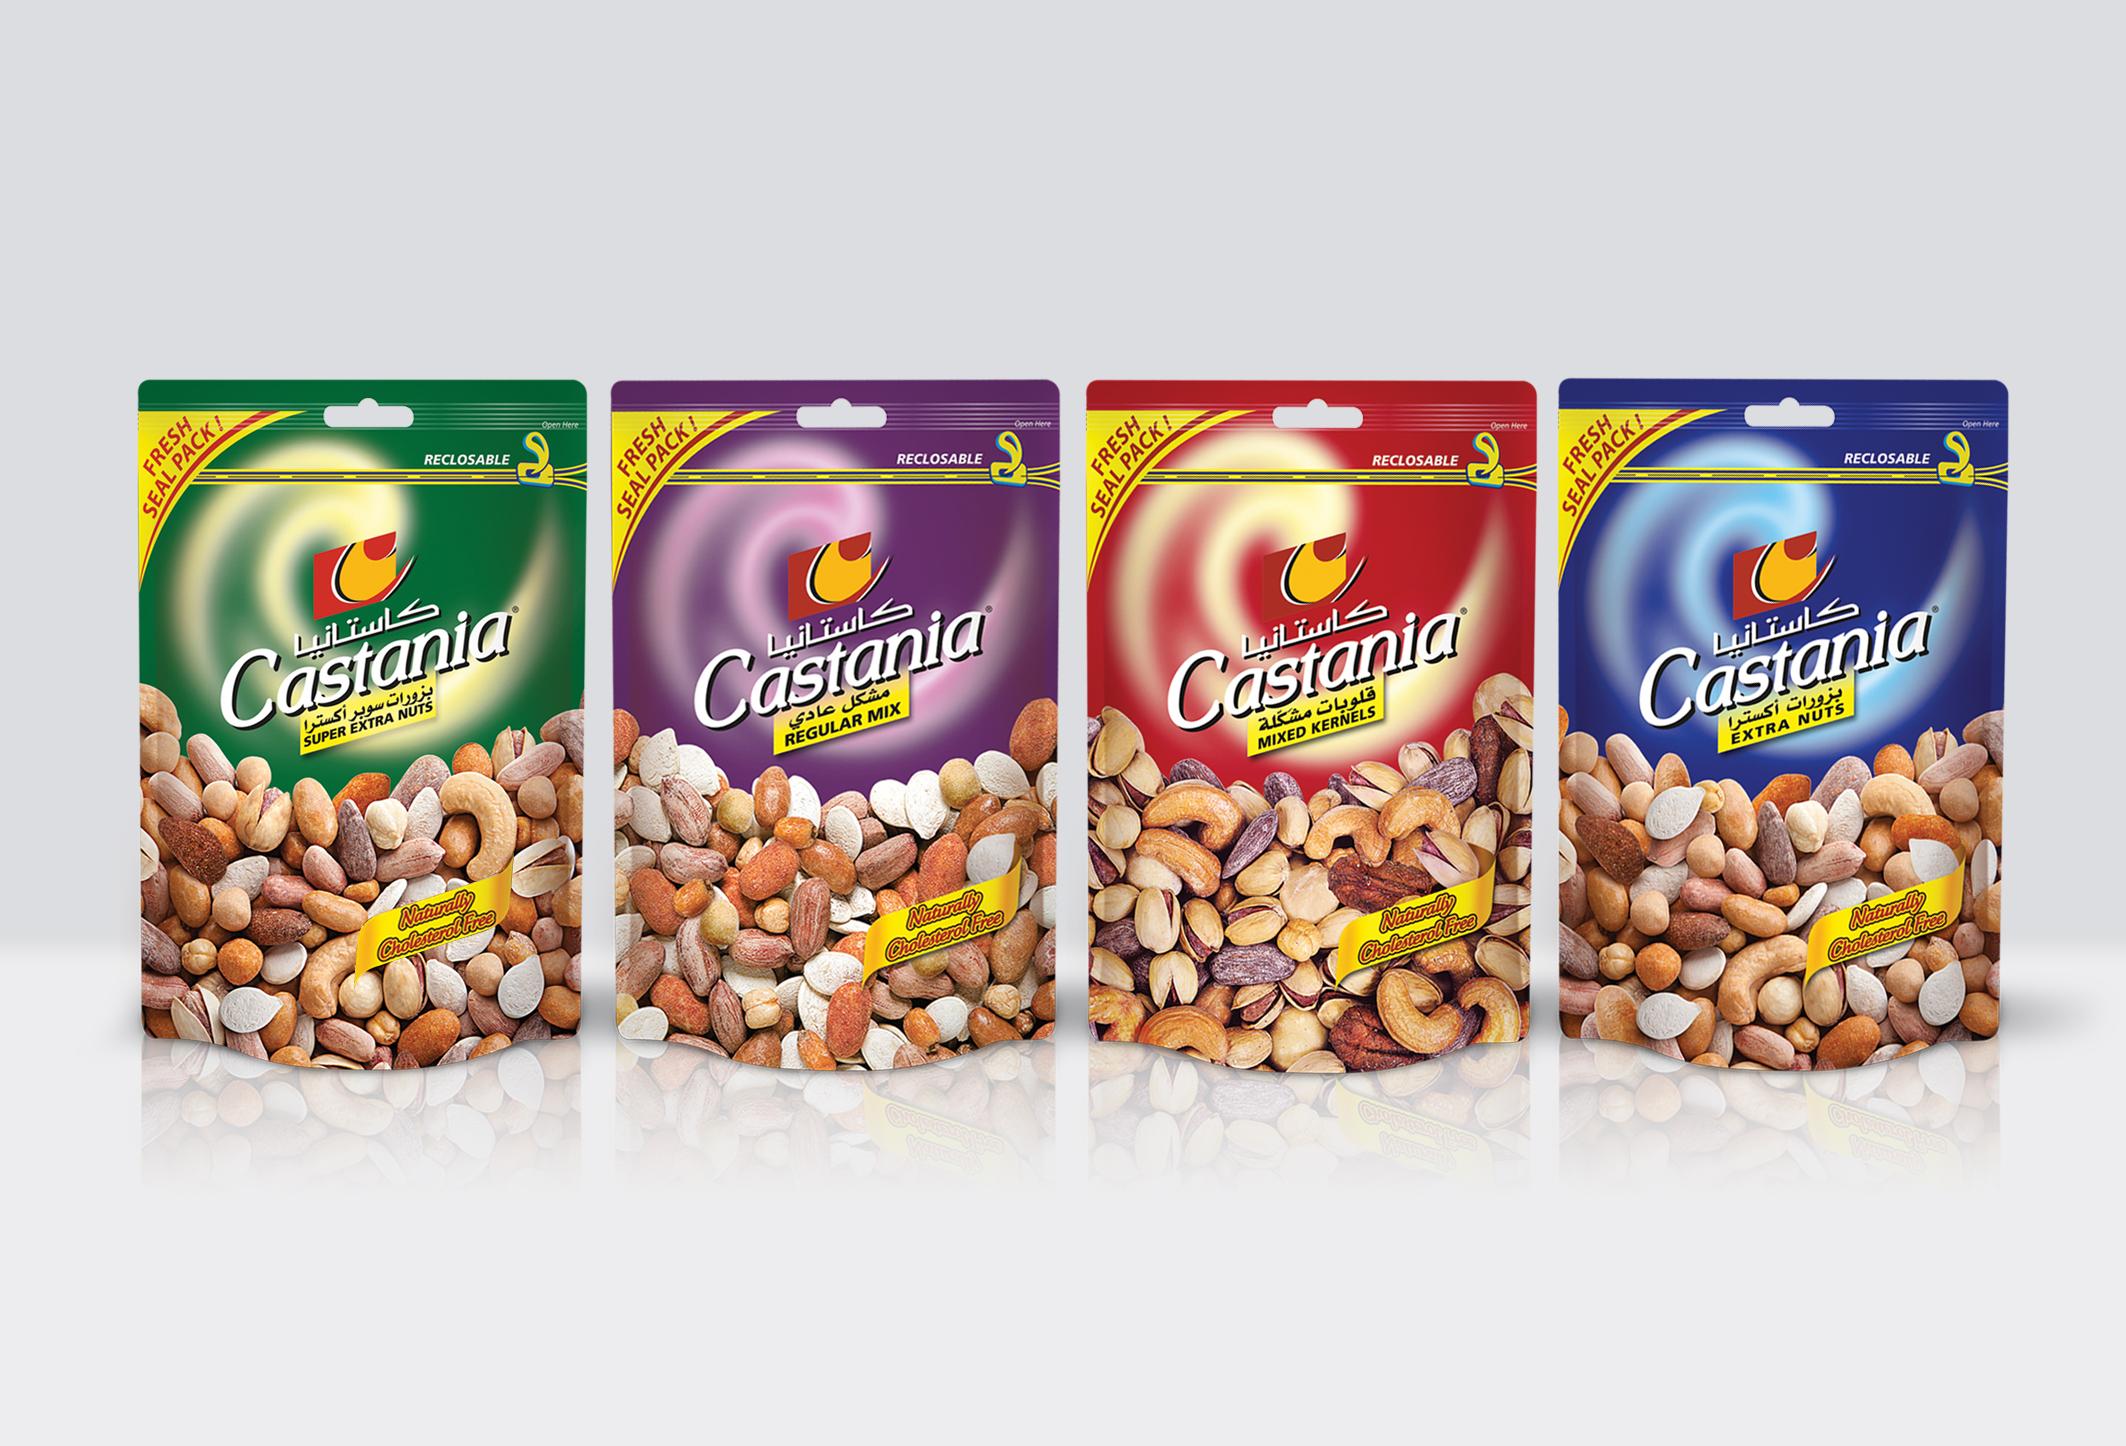 Castania nut bags